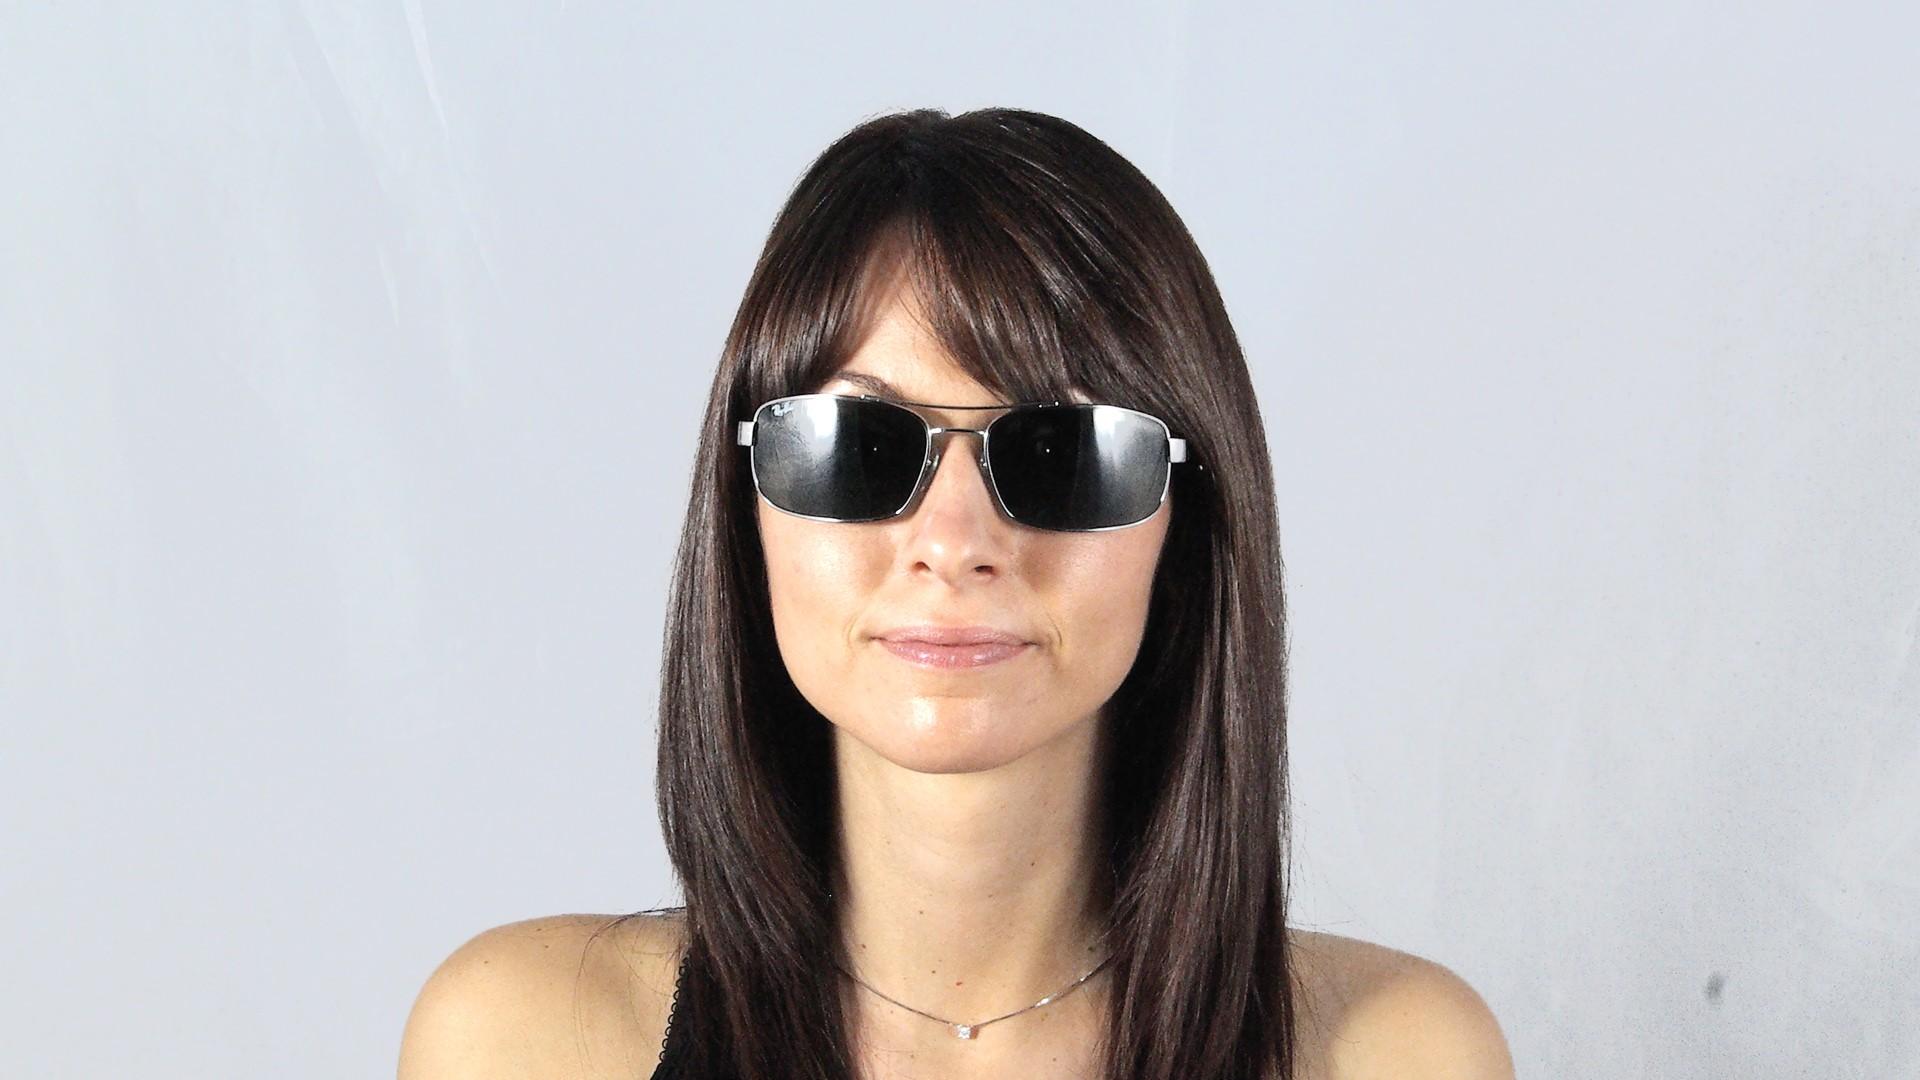 ba0e08d084d Sunglasses Ray-Ban Fibre Carbon Grey RB8316 004 62-18 Large